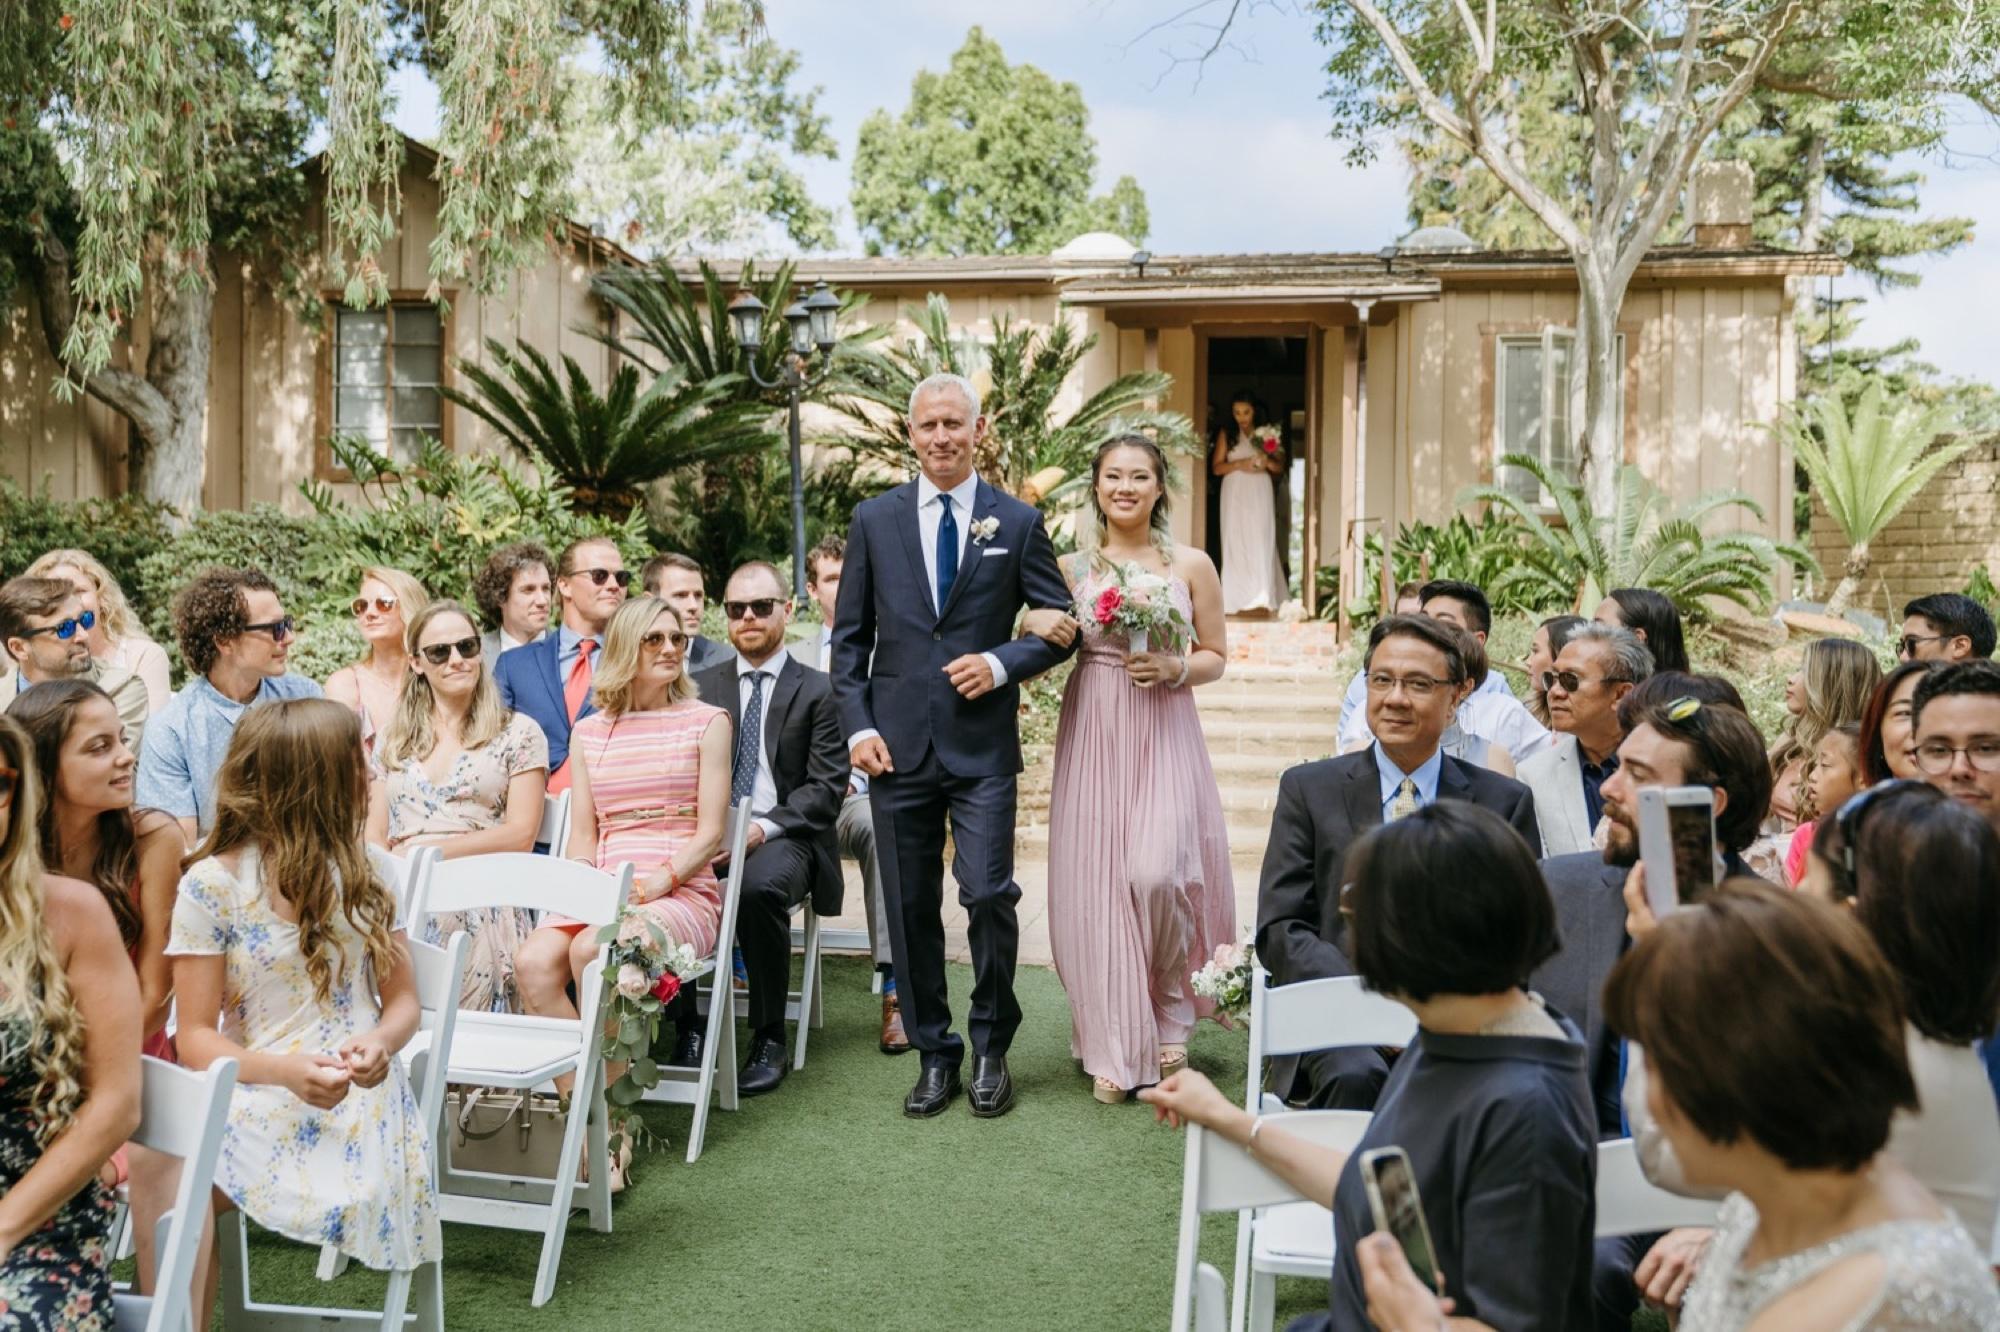 024_Shawna and Steve's Wedding-153.jpg